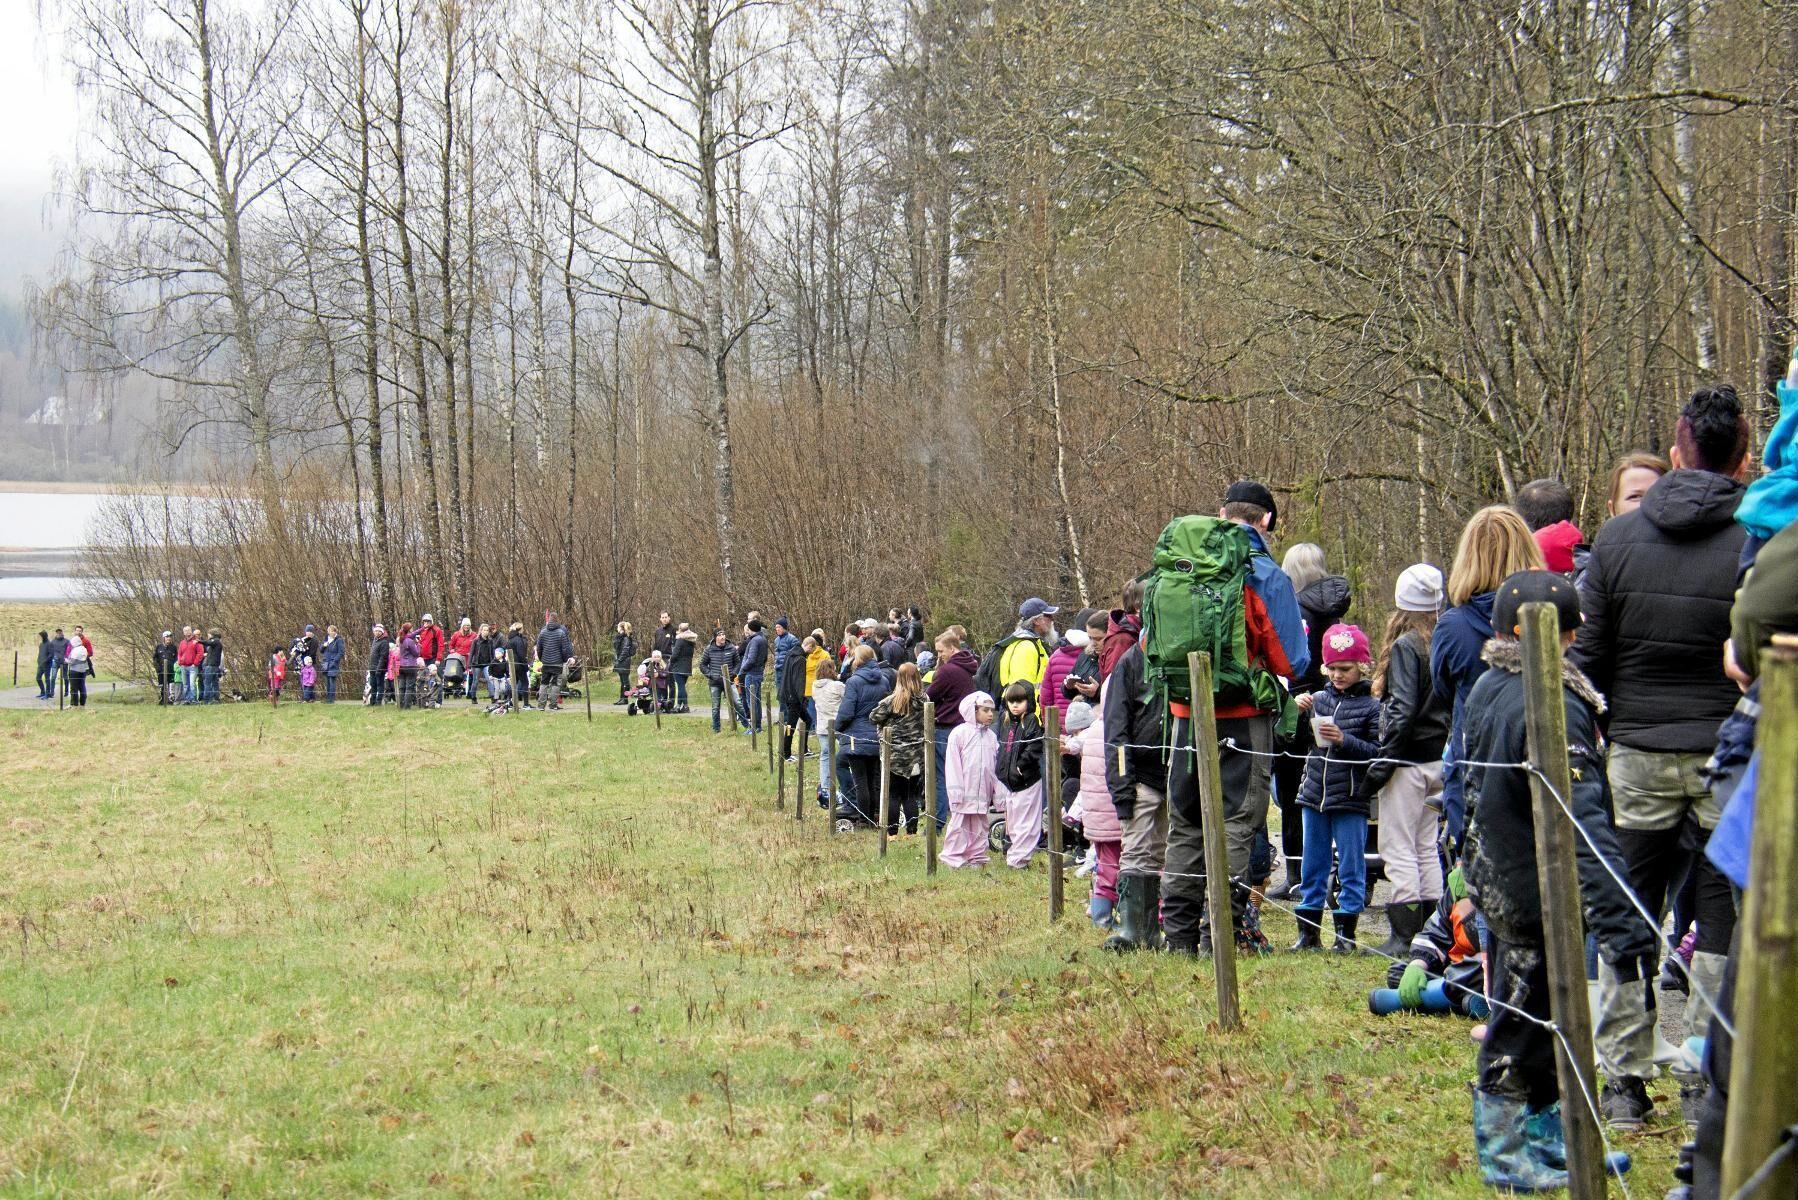 Inget besöksrekord men väl 200 besökare fanns på plats vid det årliga kosläppet på Bergs klätt.